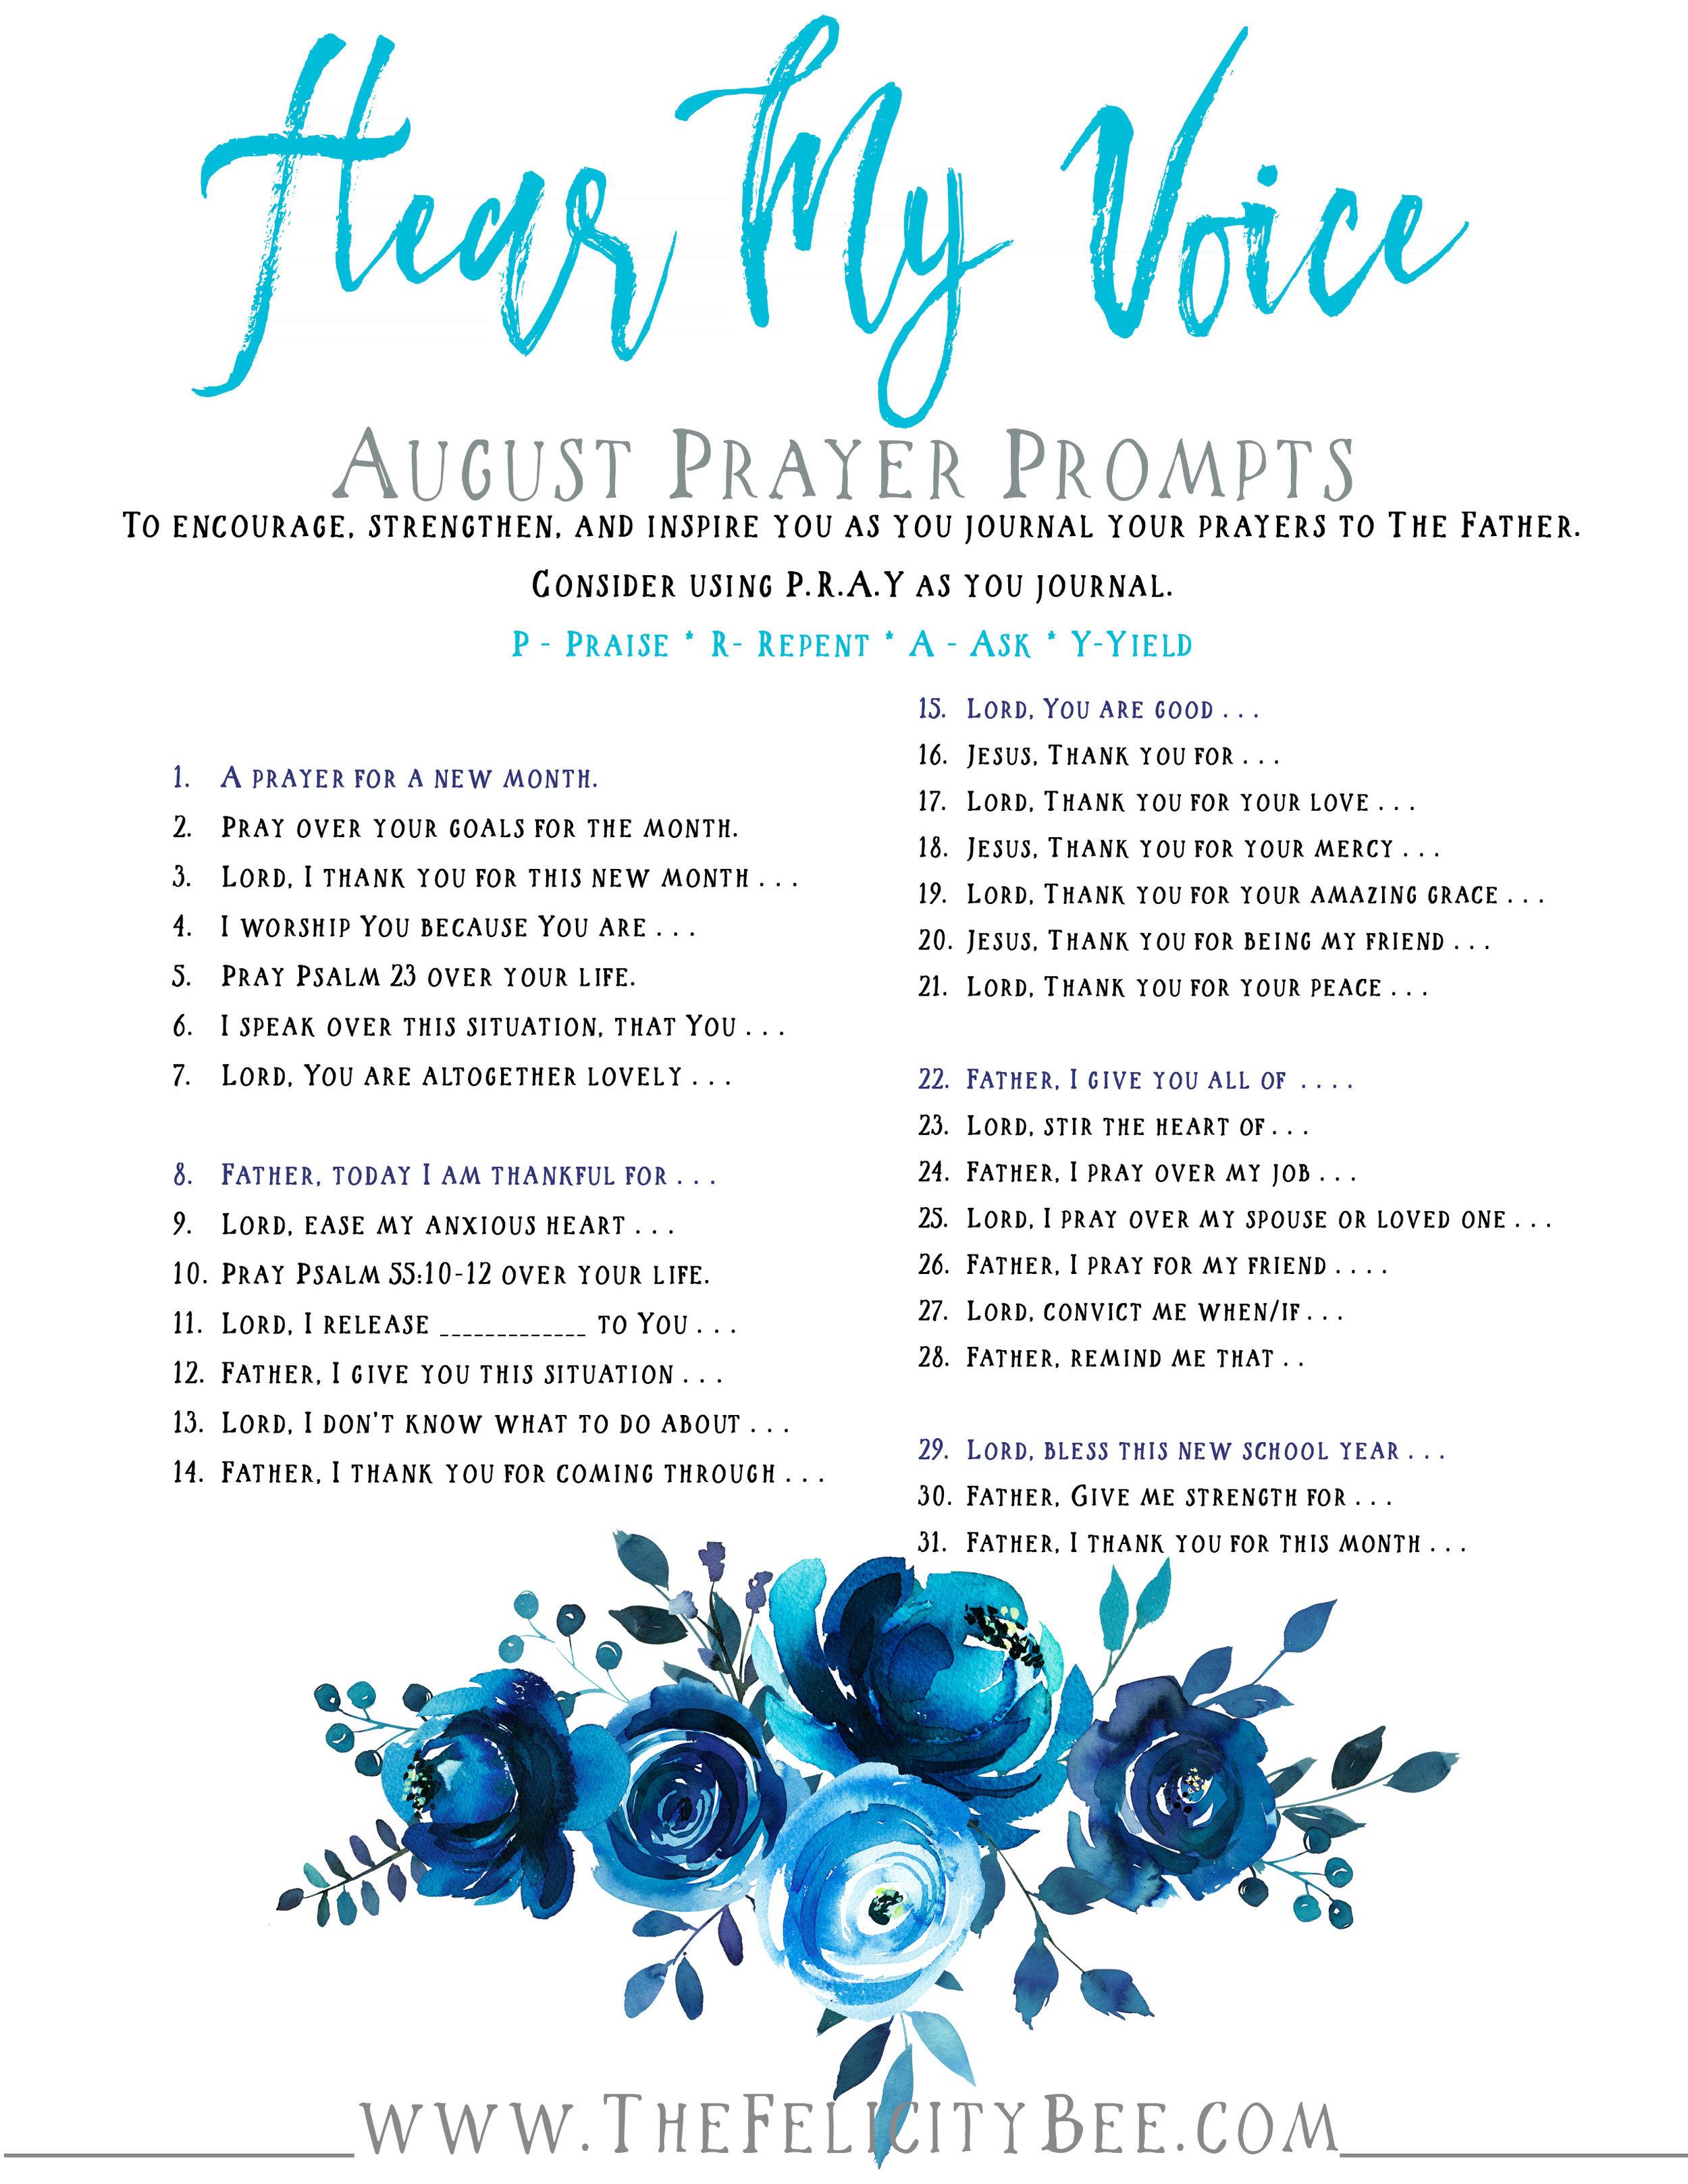 Hear My Voice August Prayer Prompts